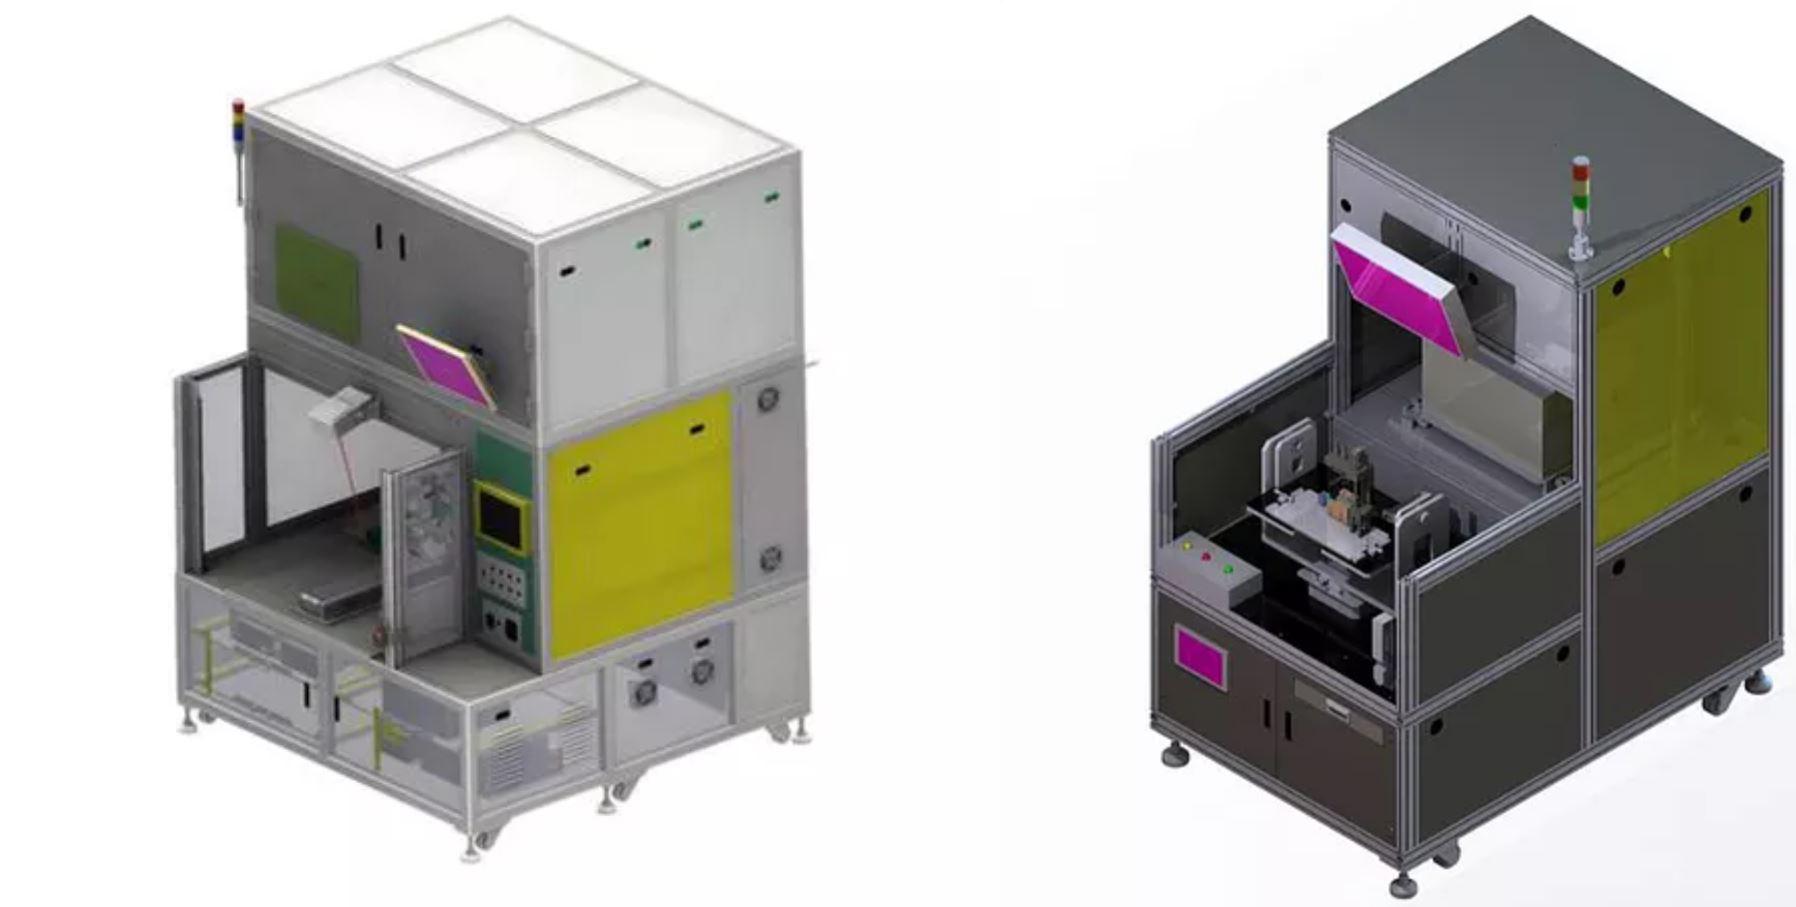 Product image: customized HLT600 mockup images